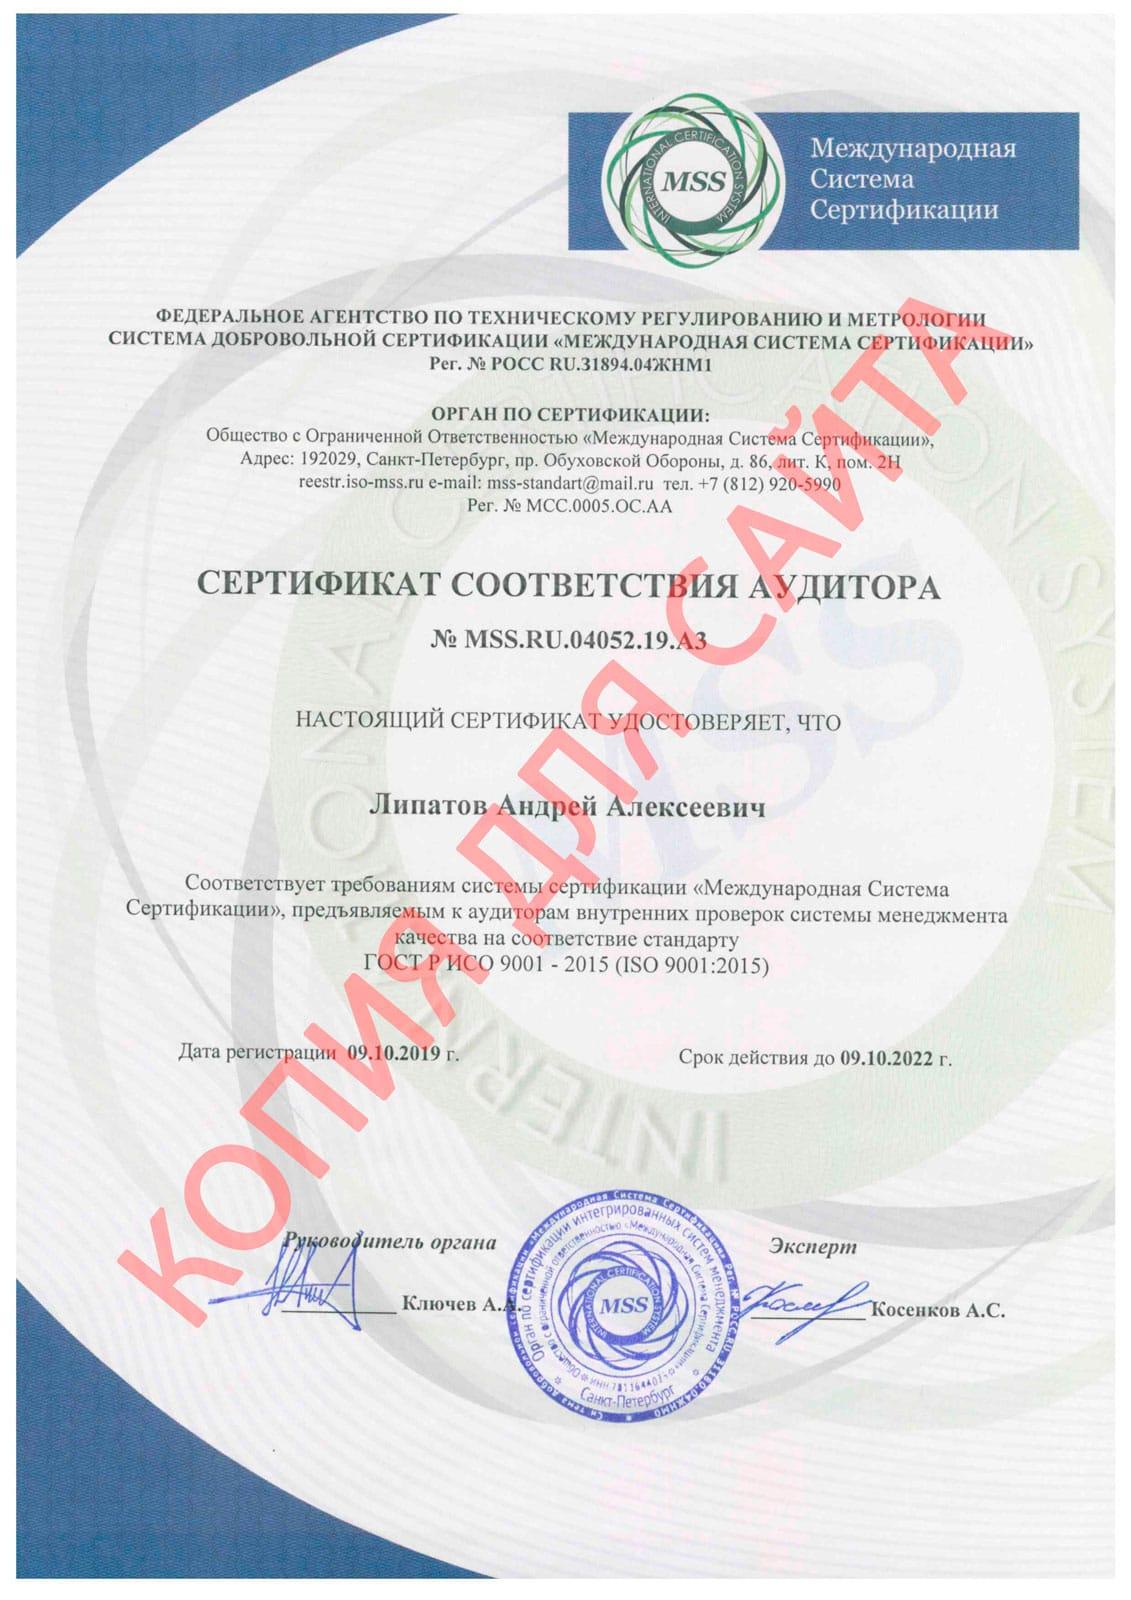 Сертификаты соответствия Часть 5